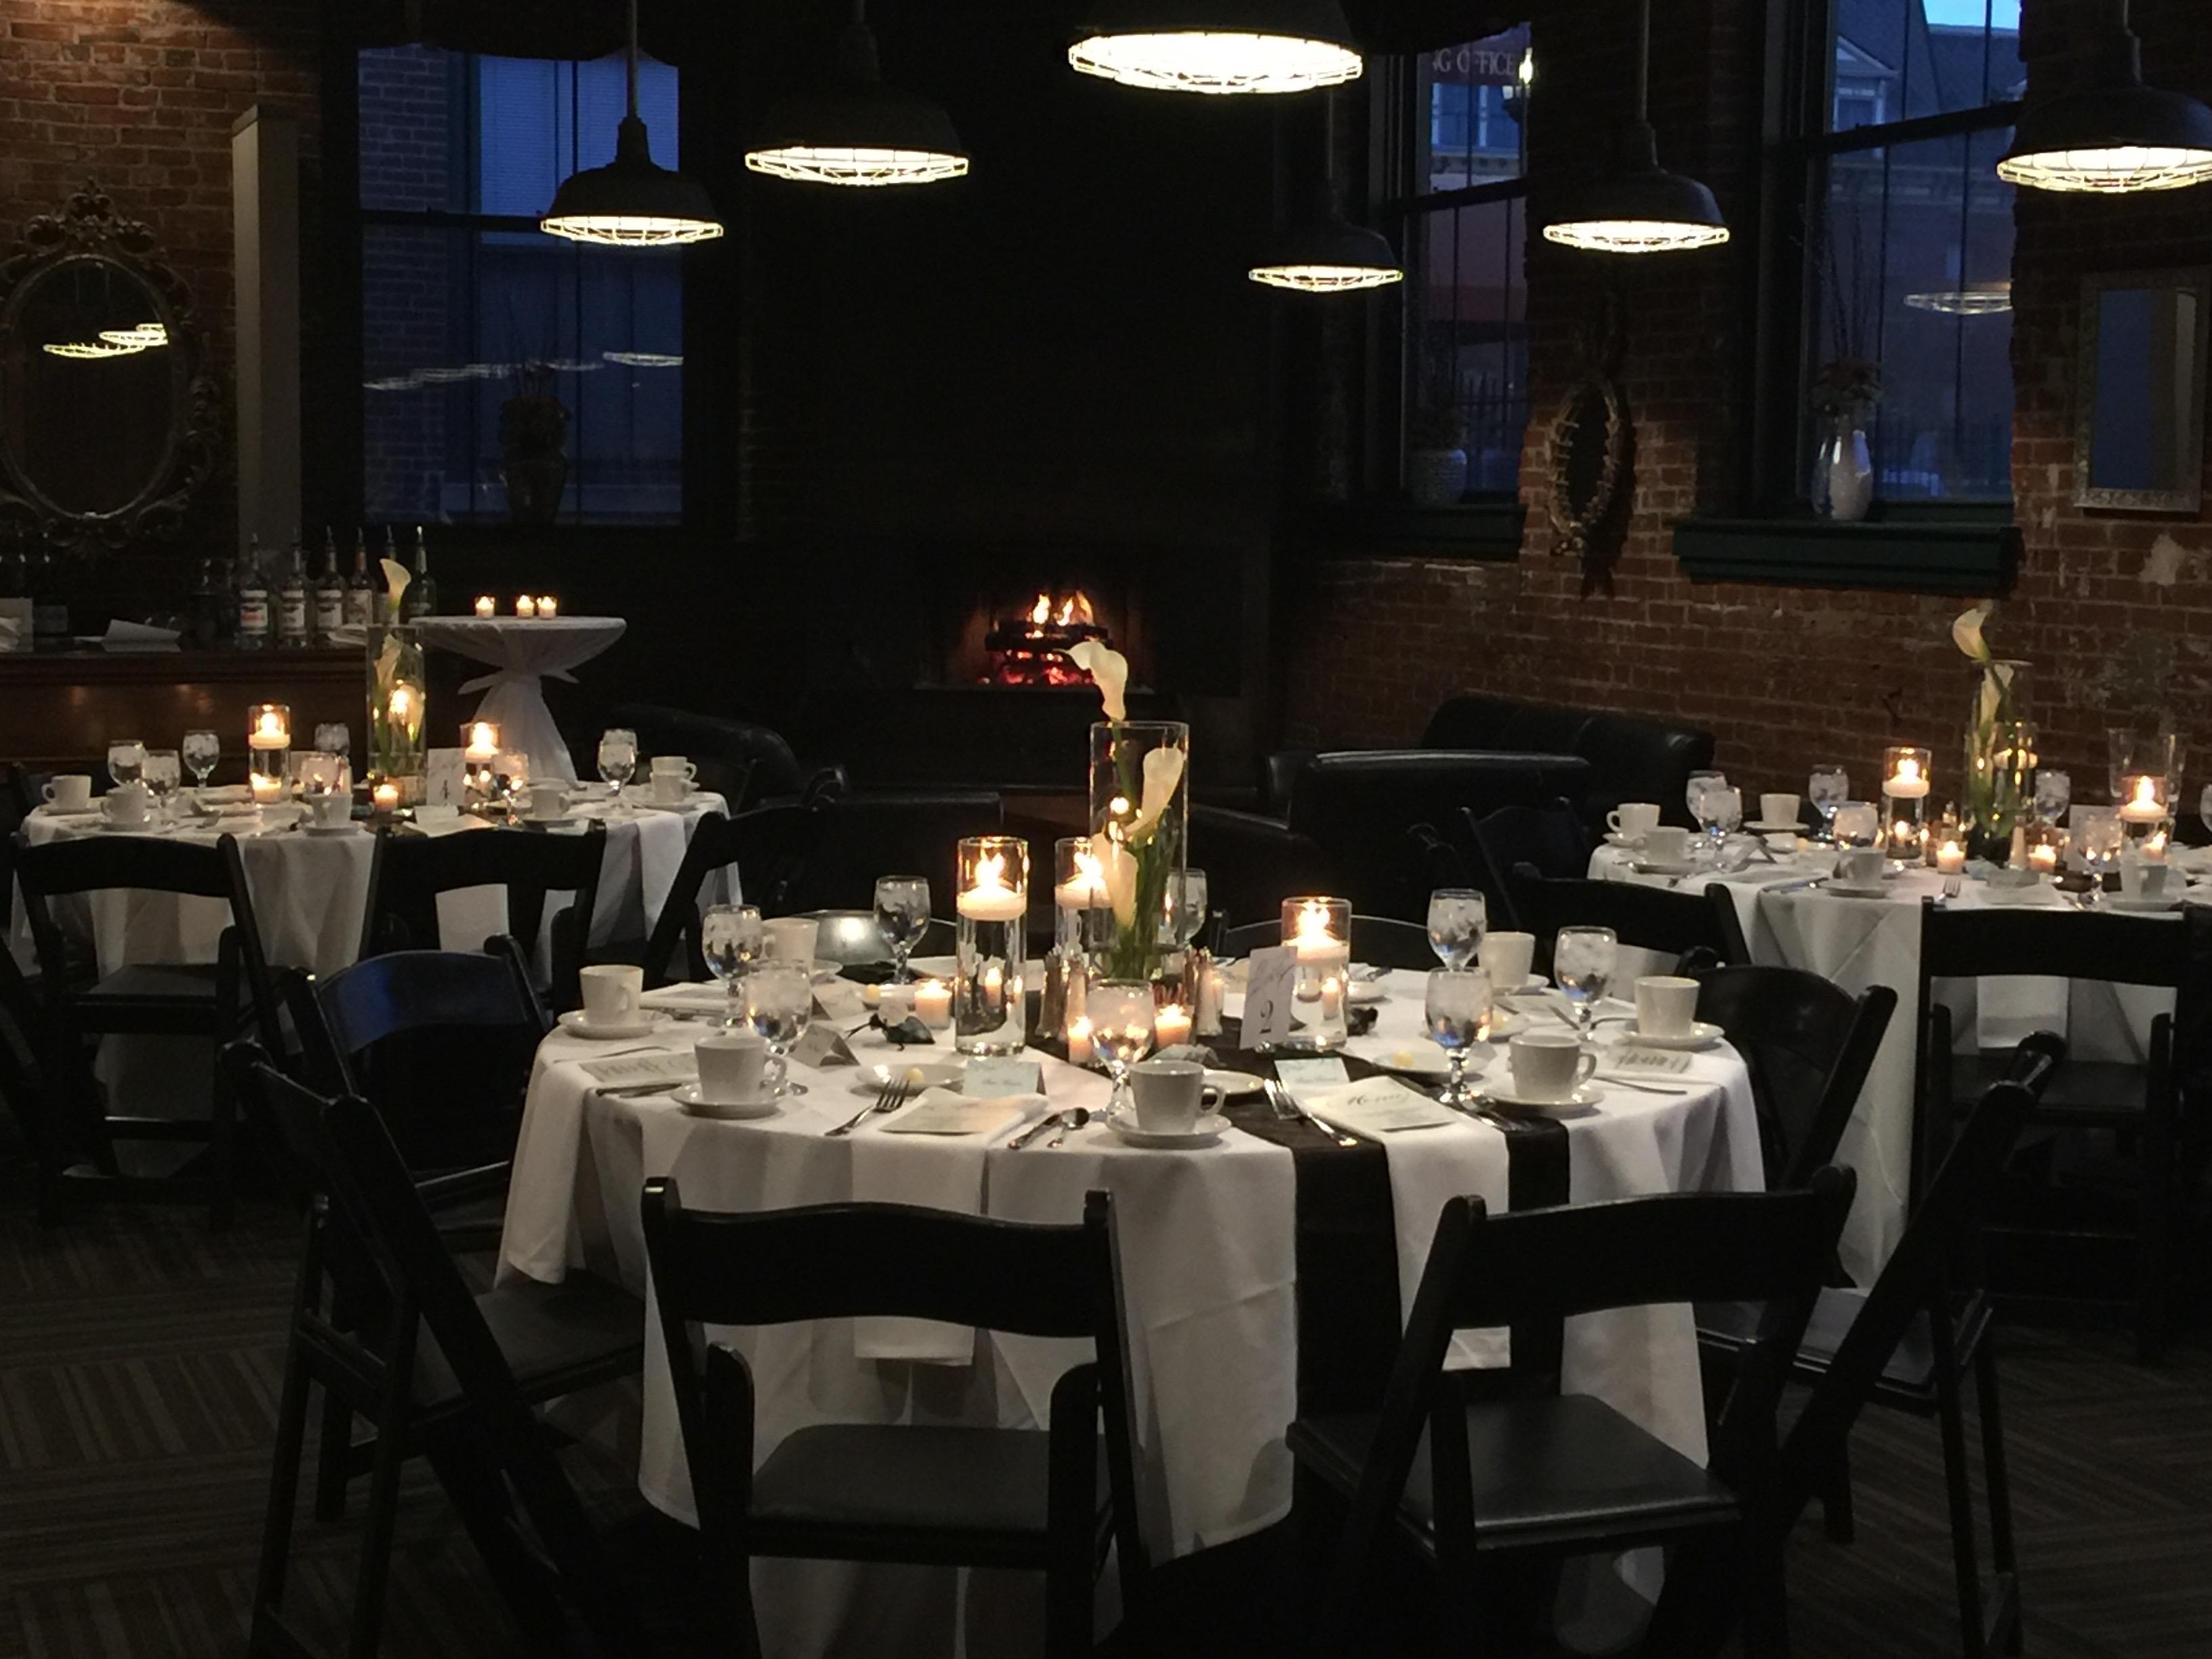 SqWires Restaurant & Annex image 2